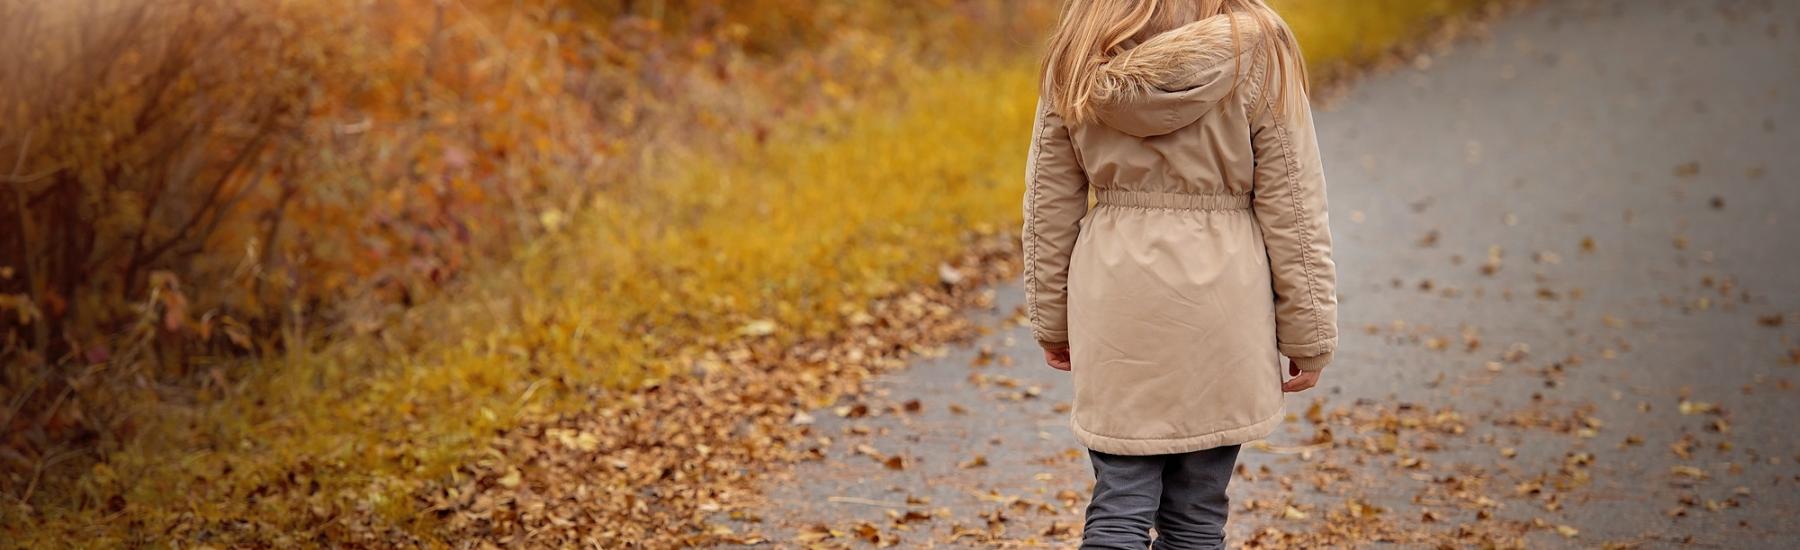 holka-podzim